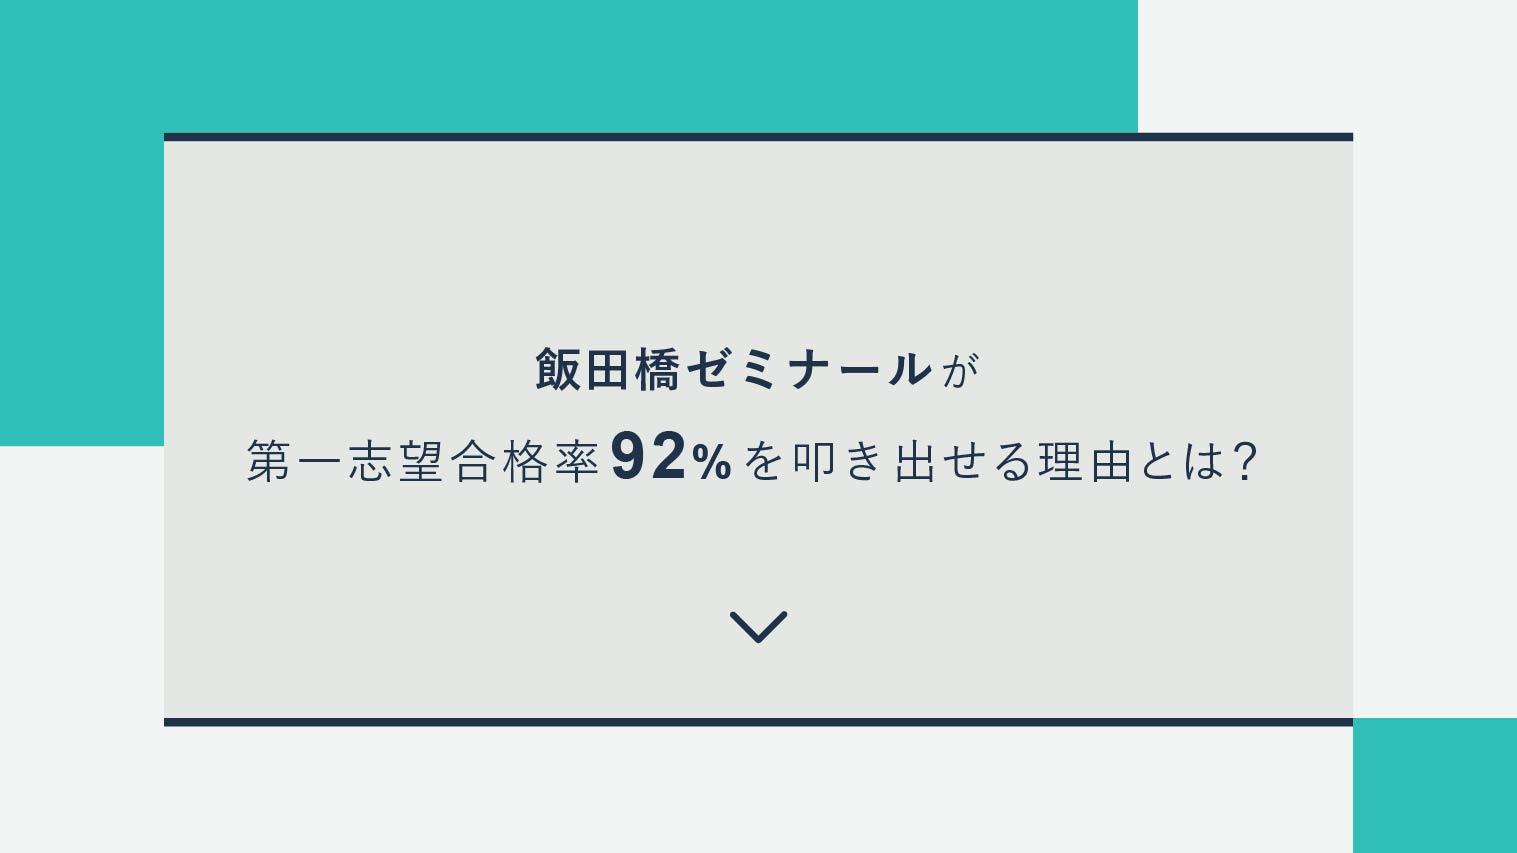 「飯田橋ゼミナール」が第一志望合格率92%を叩き出せる理由とは?